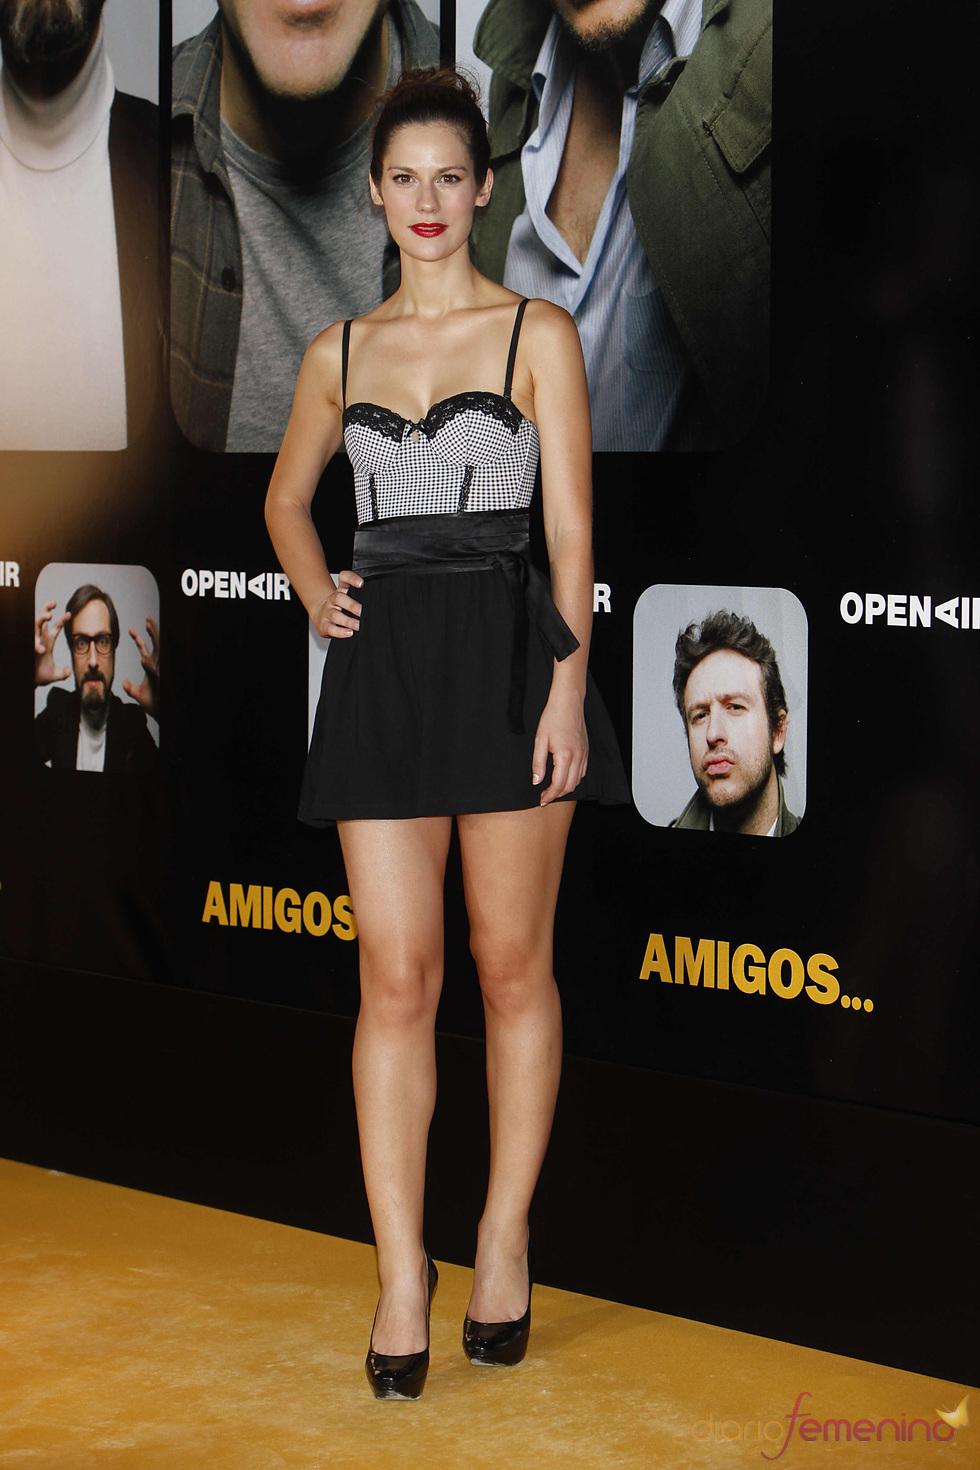 La actriz Lidia San José en el estreno de la película 'Amigos'